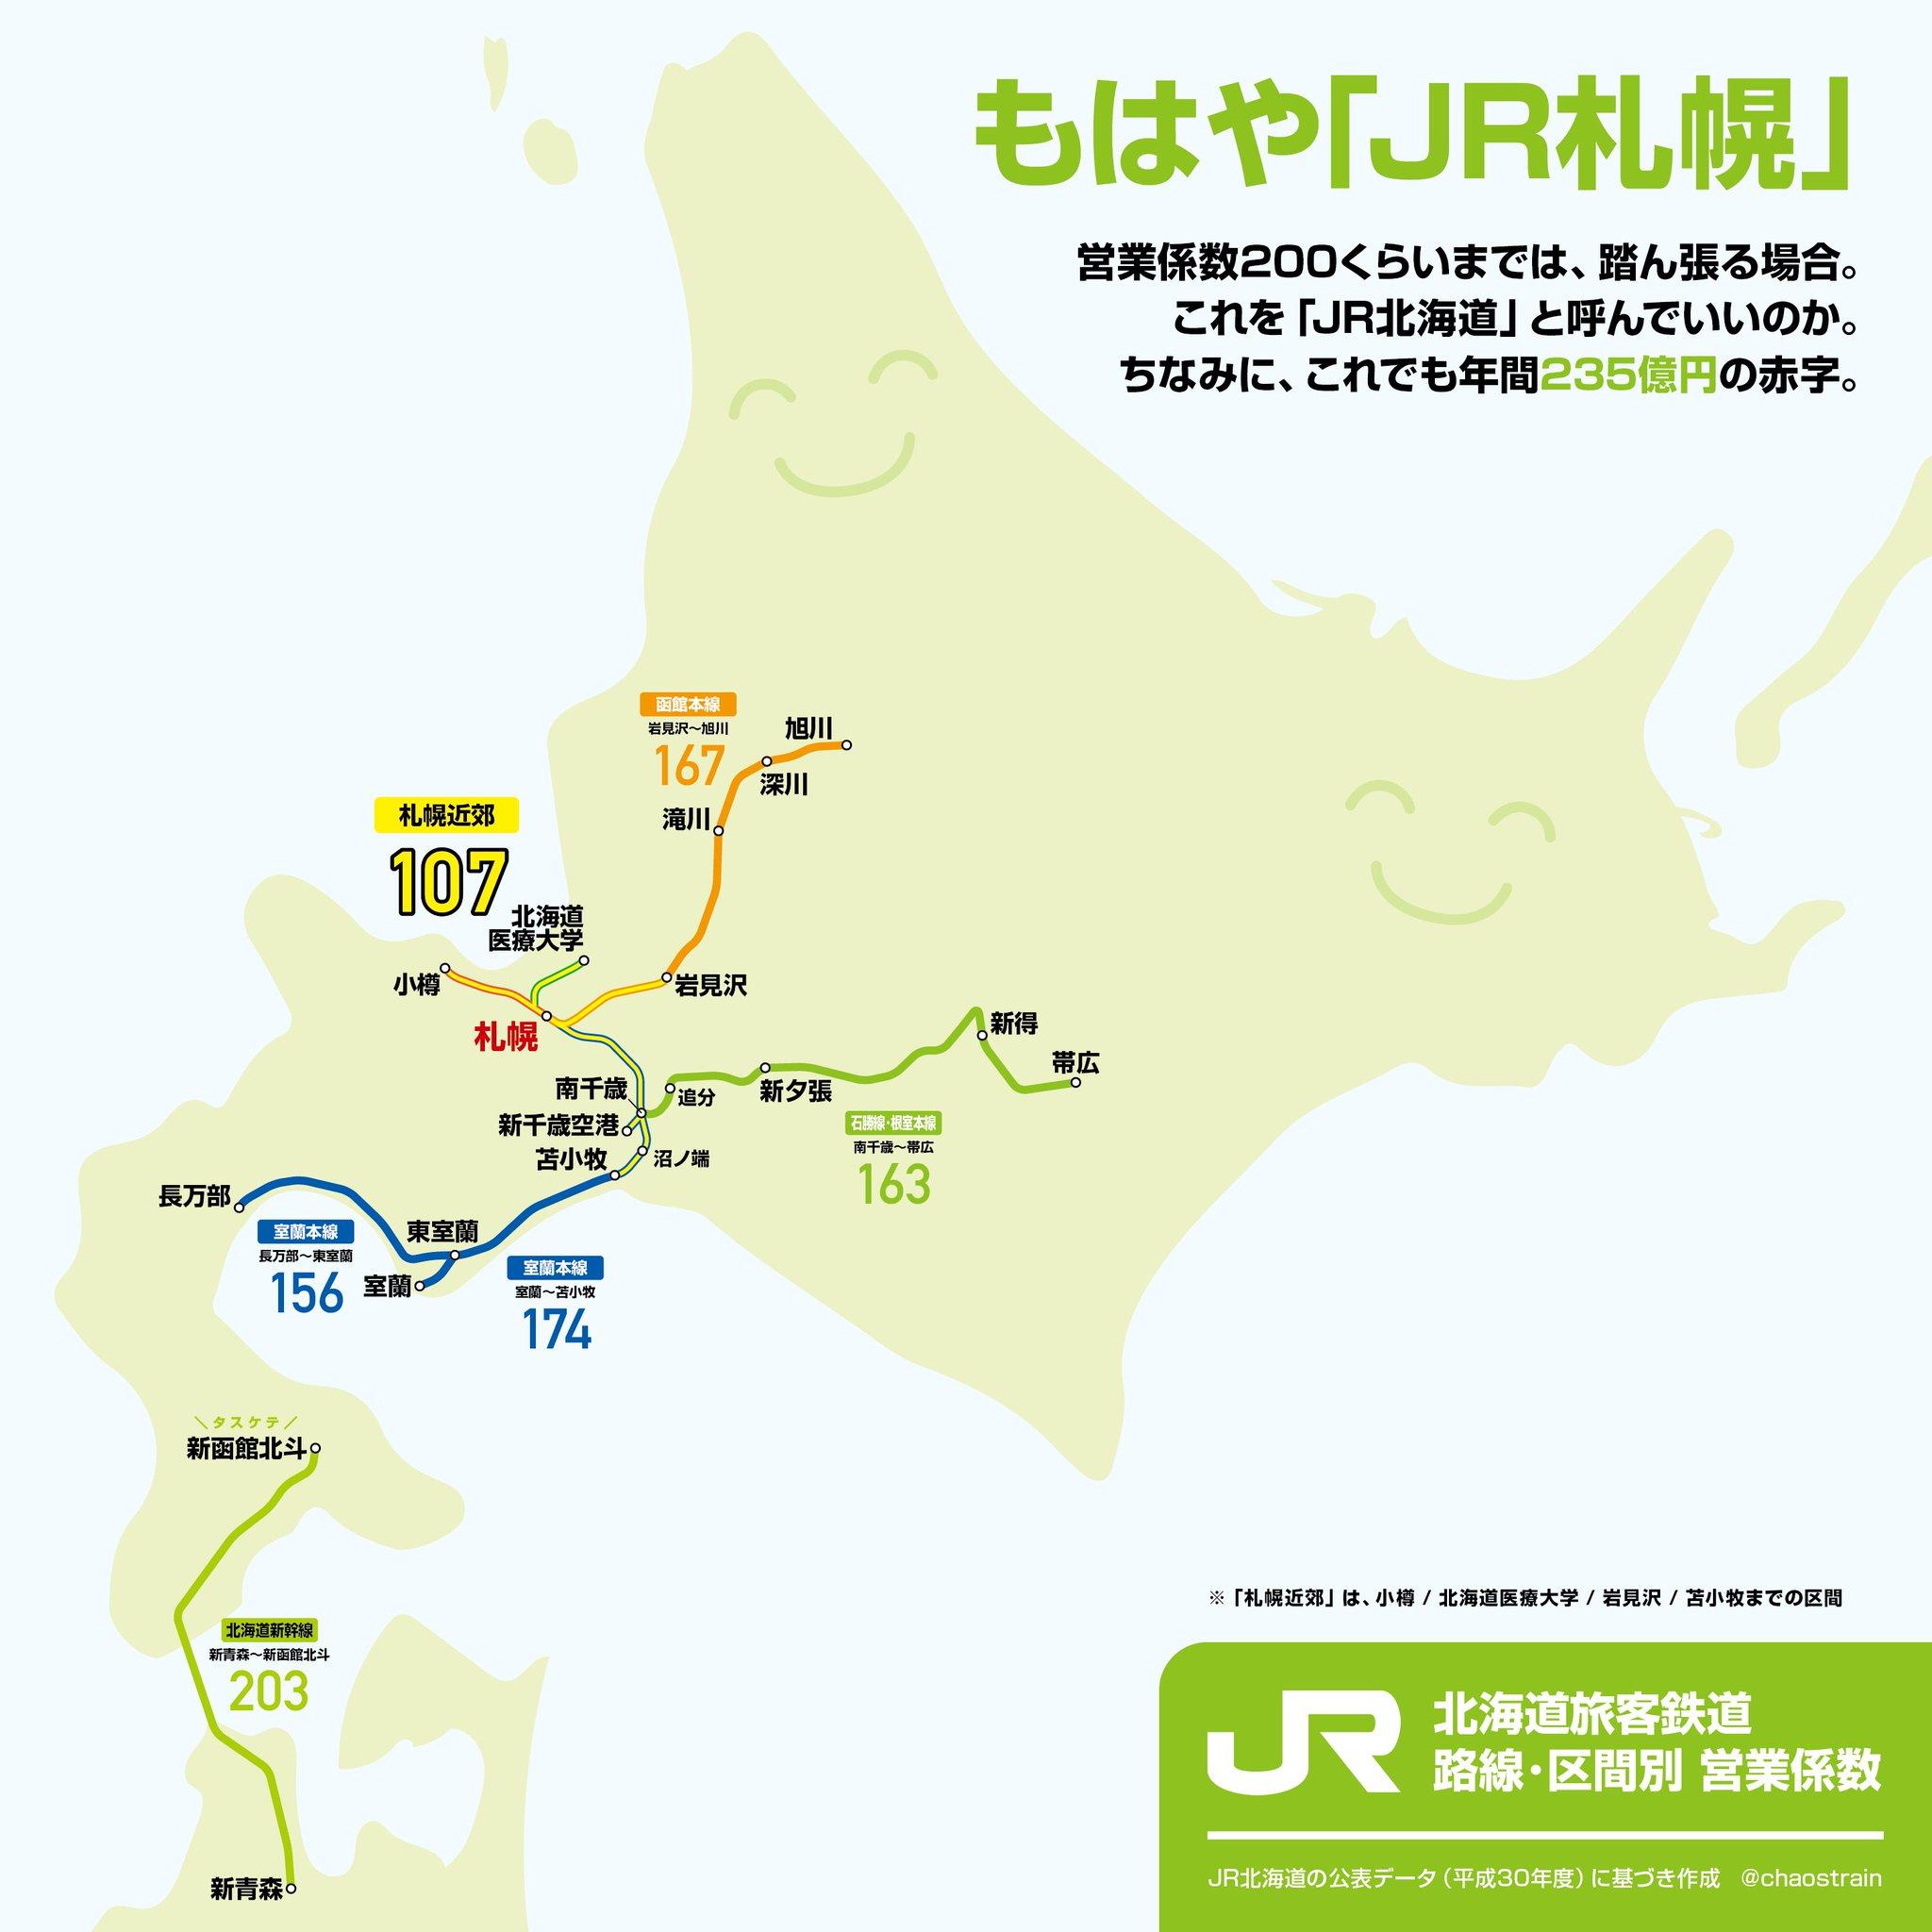 赤字 jr 北海道